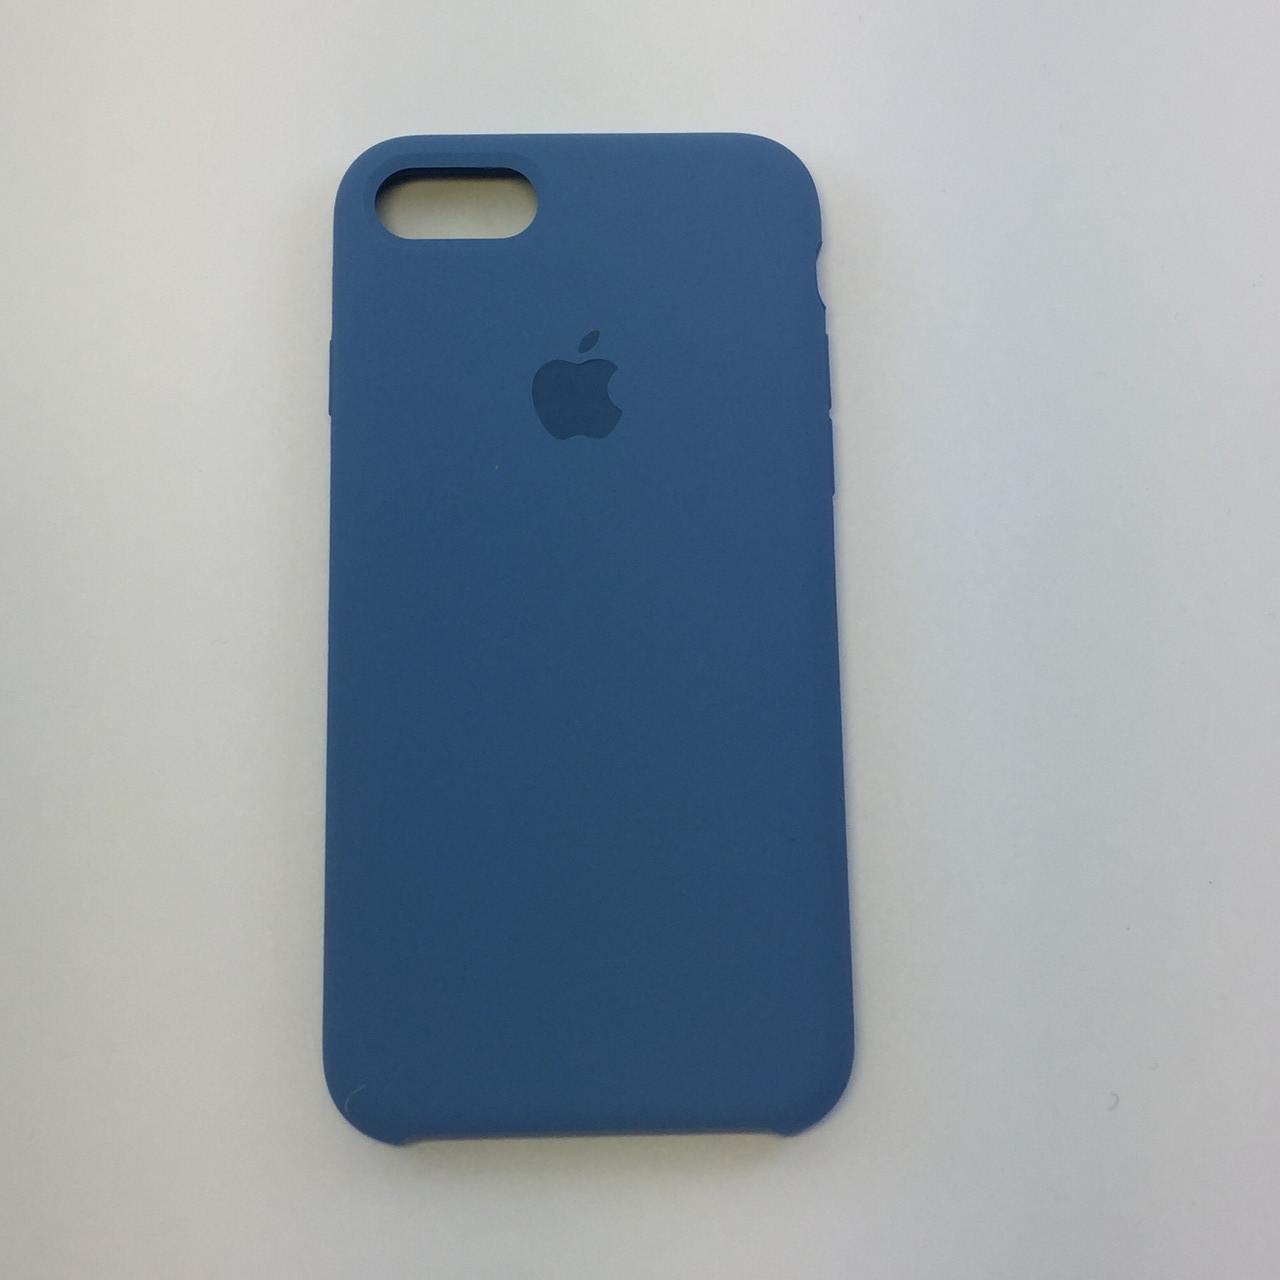 Силиконовый чехол iPhone 7, лазурь, copy original